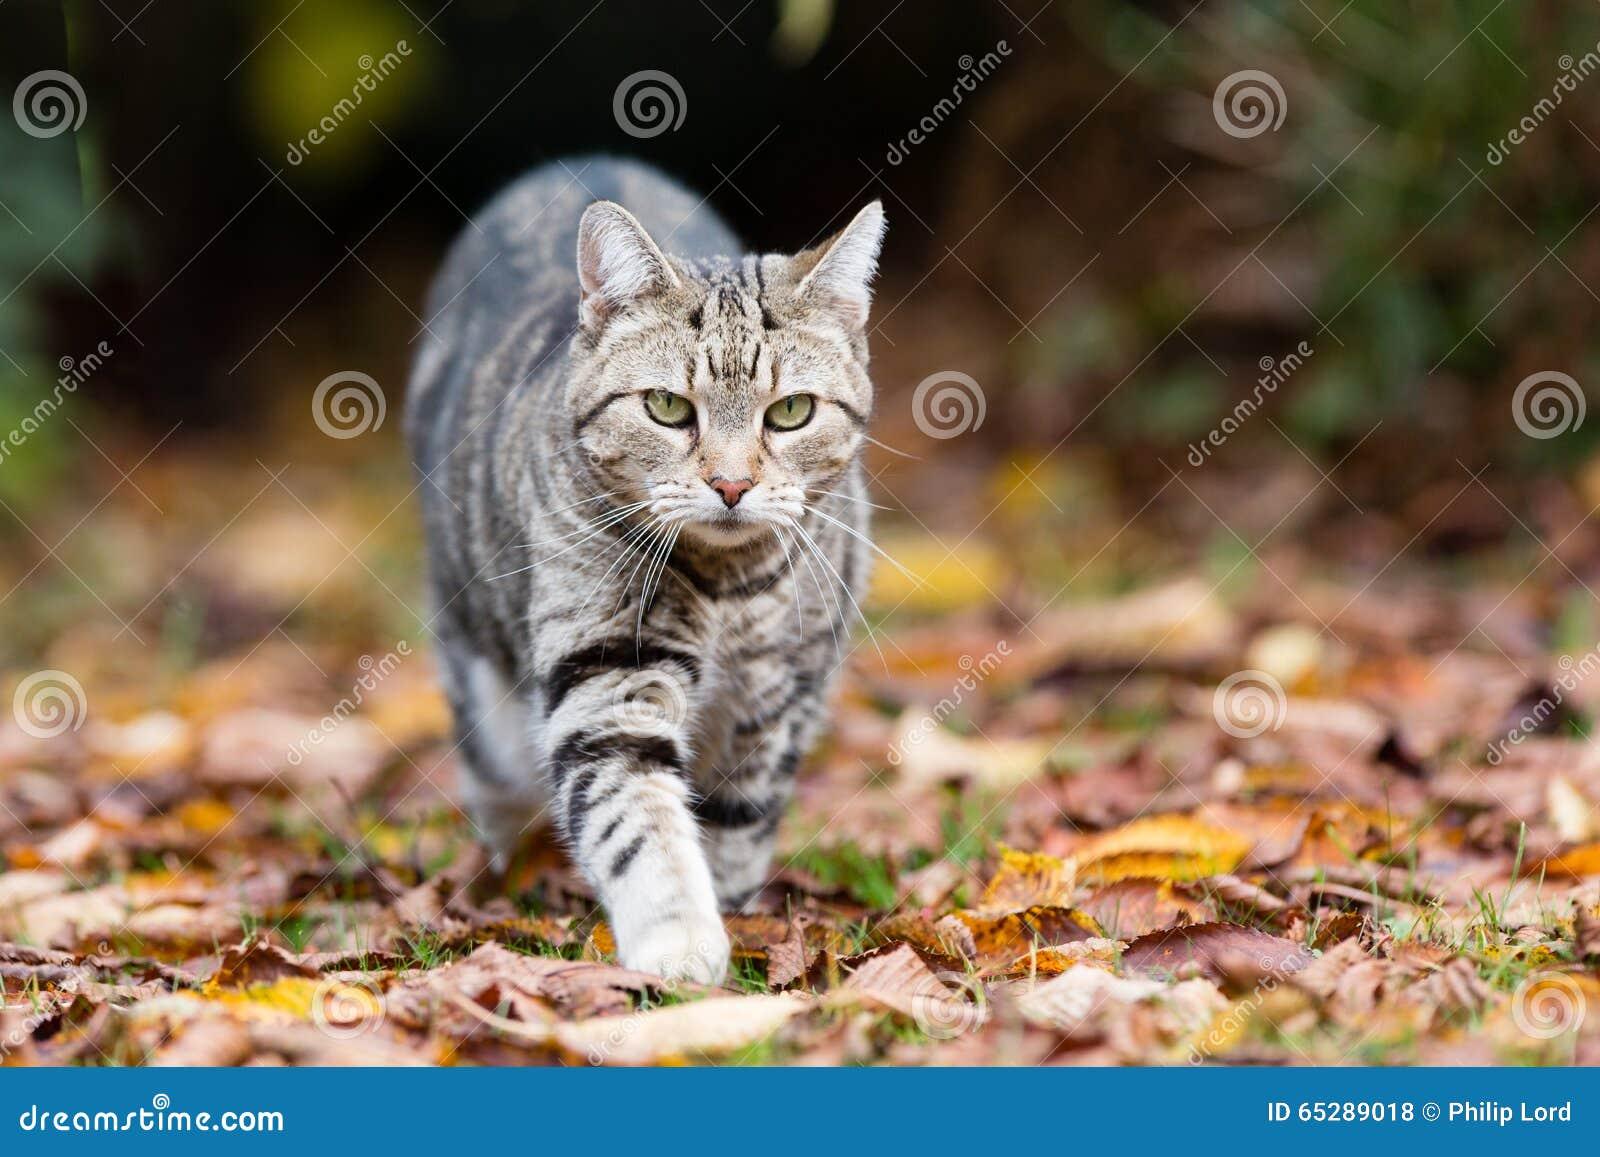 Gato de gato atigrado en el vagabundeo